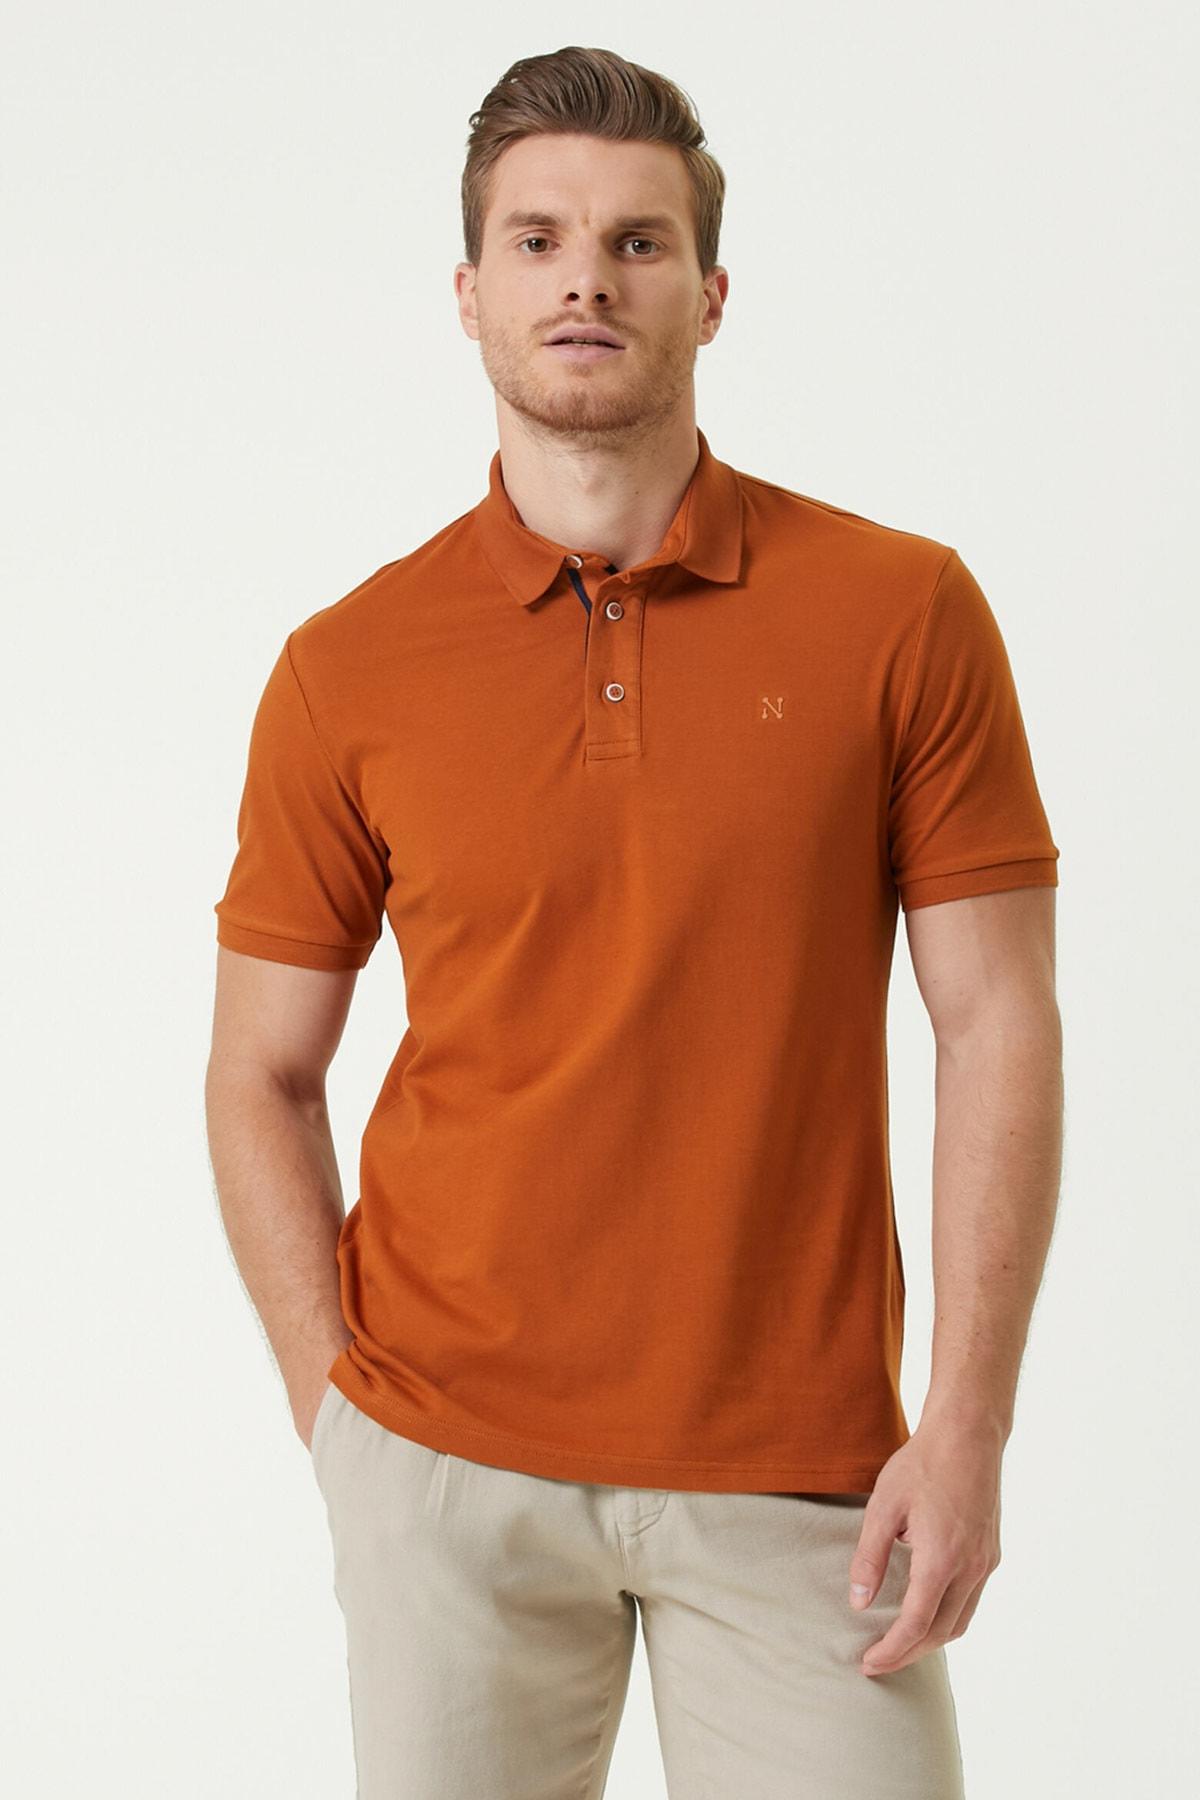 Erkek Slim Fit Kiremit Polo Yaka Logolu T-shirt 1078389